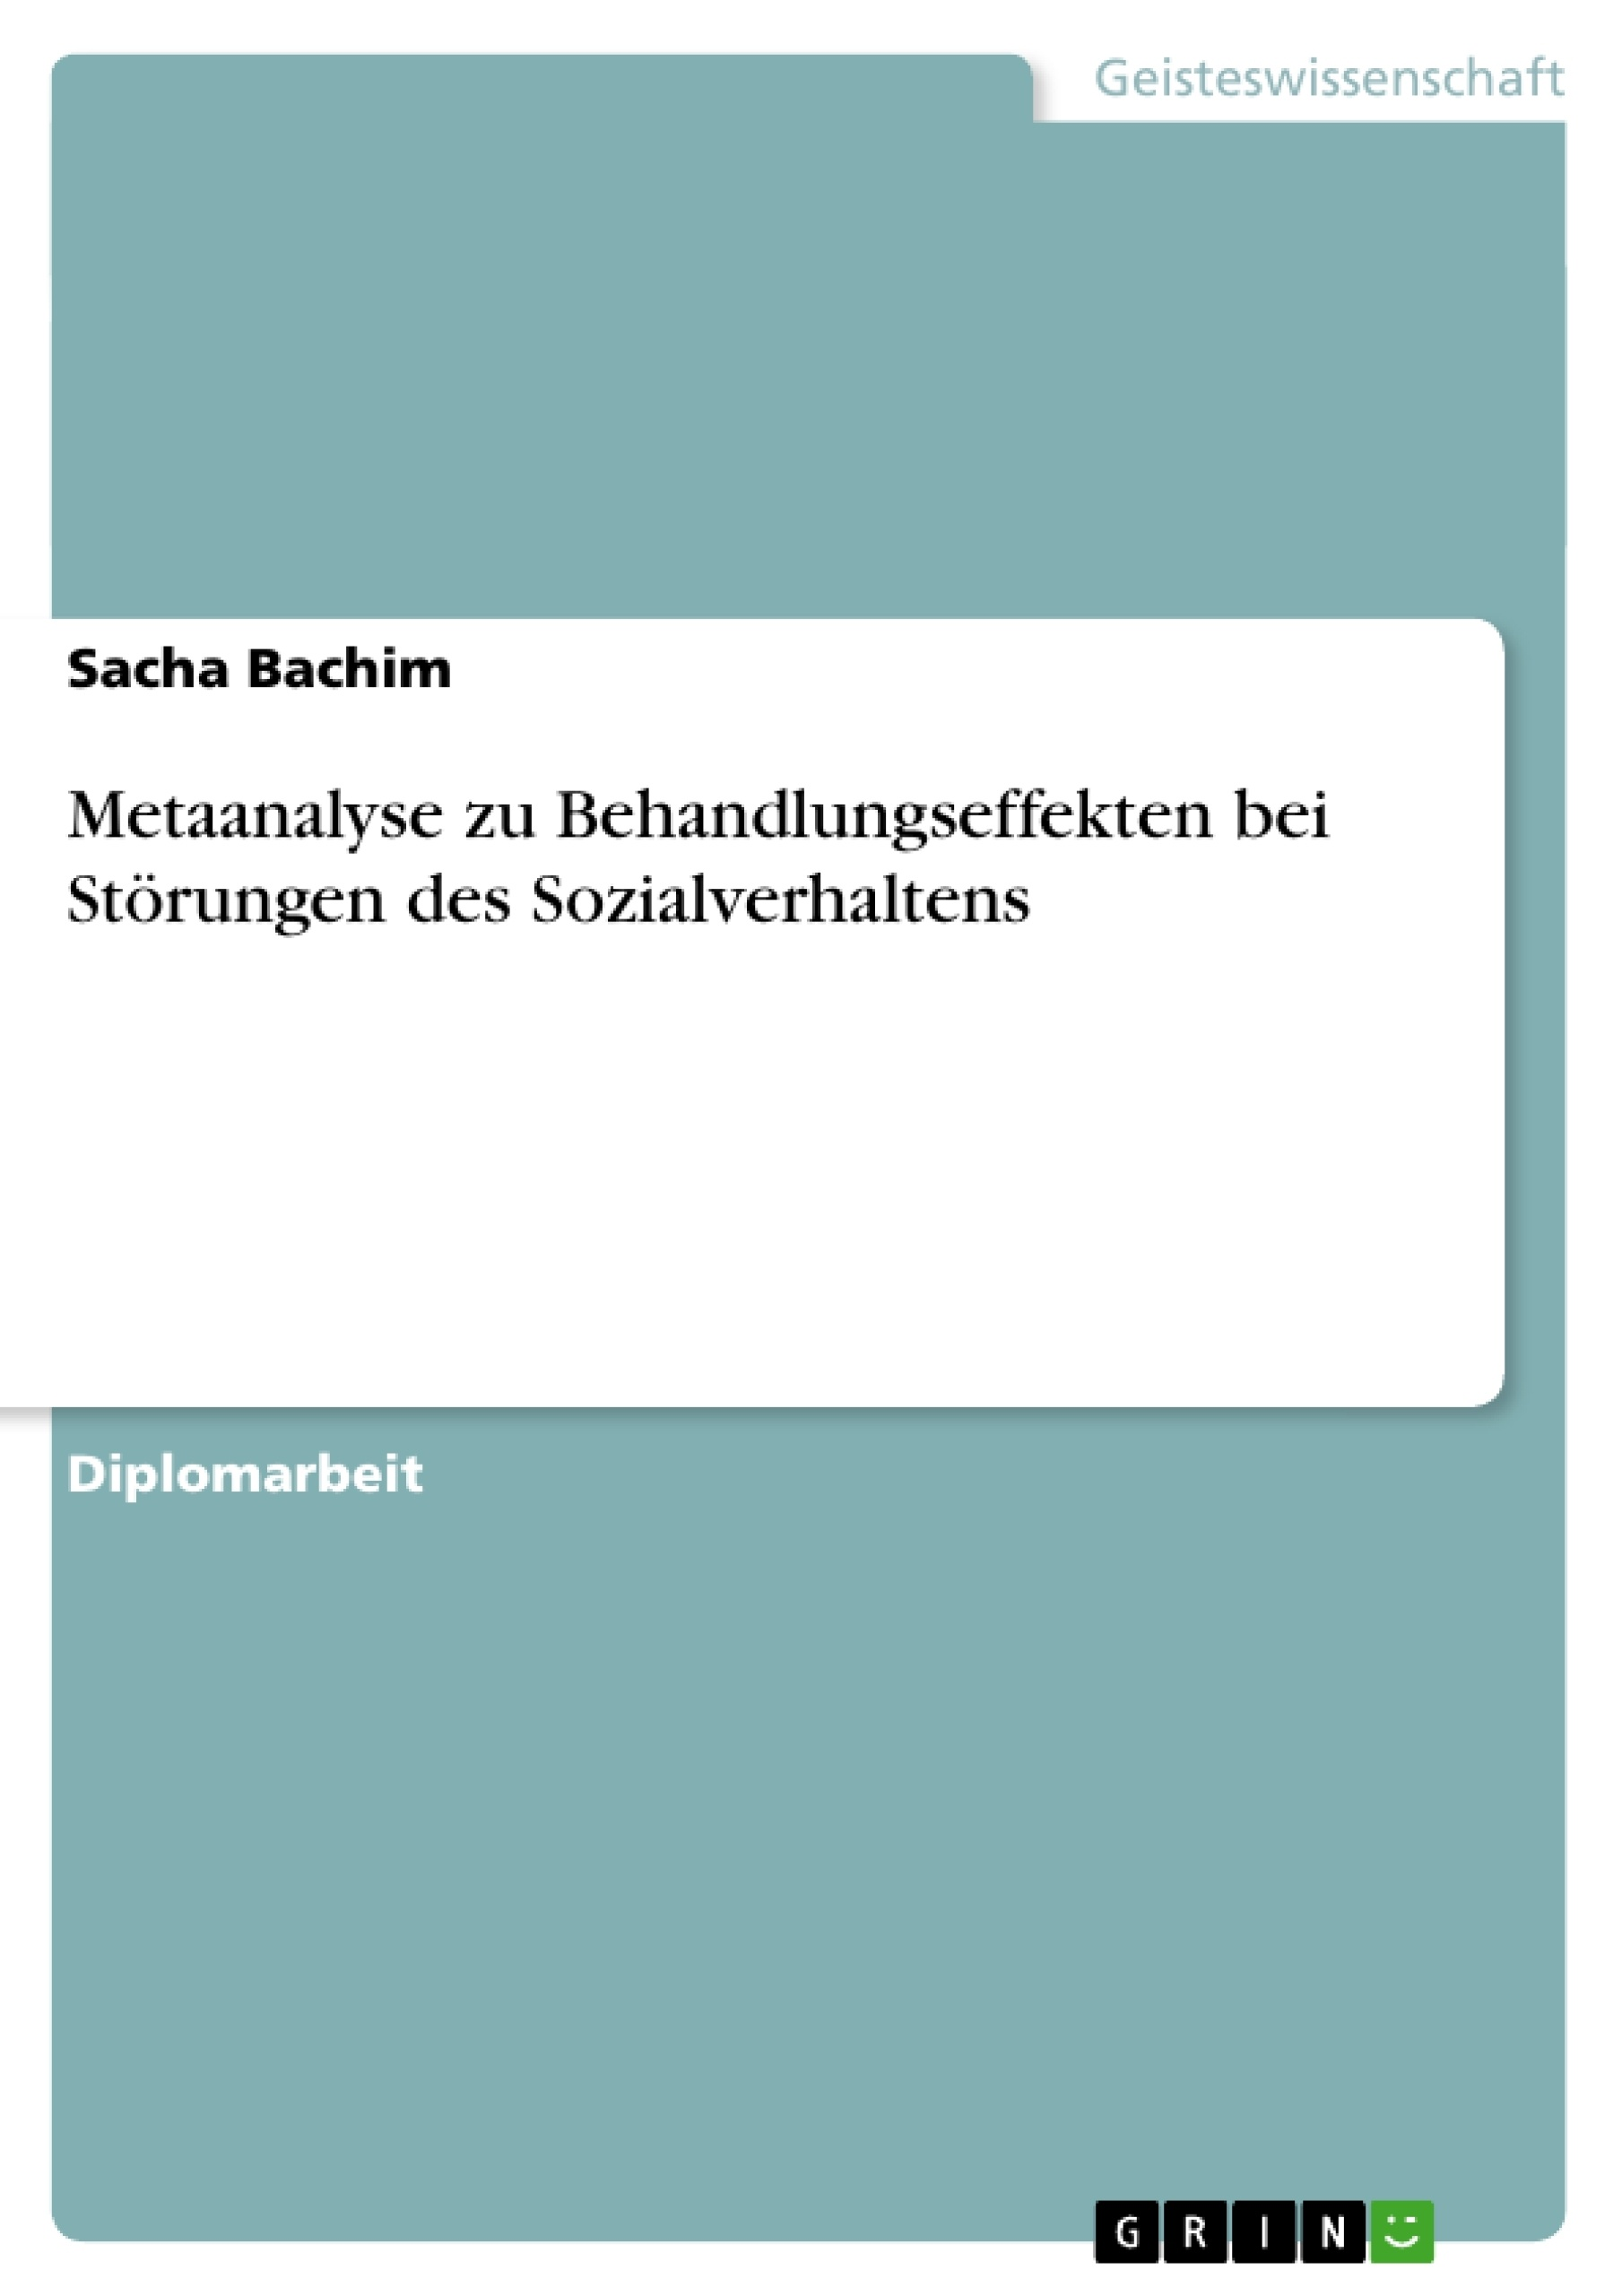 Titel: Metaanalyse zu Behandlungseffekten bei Störungen des Sozialverhaltens